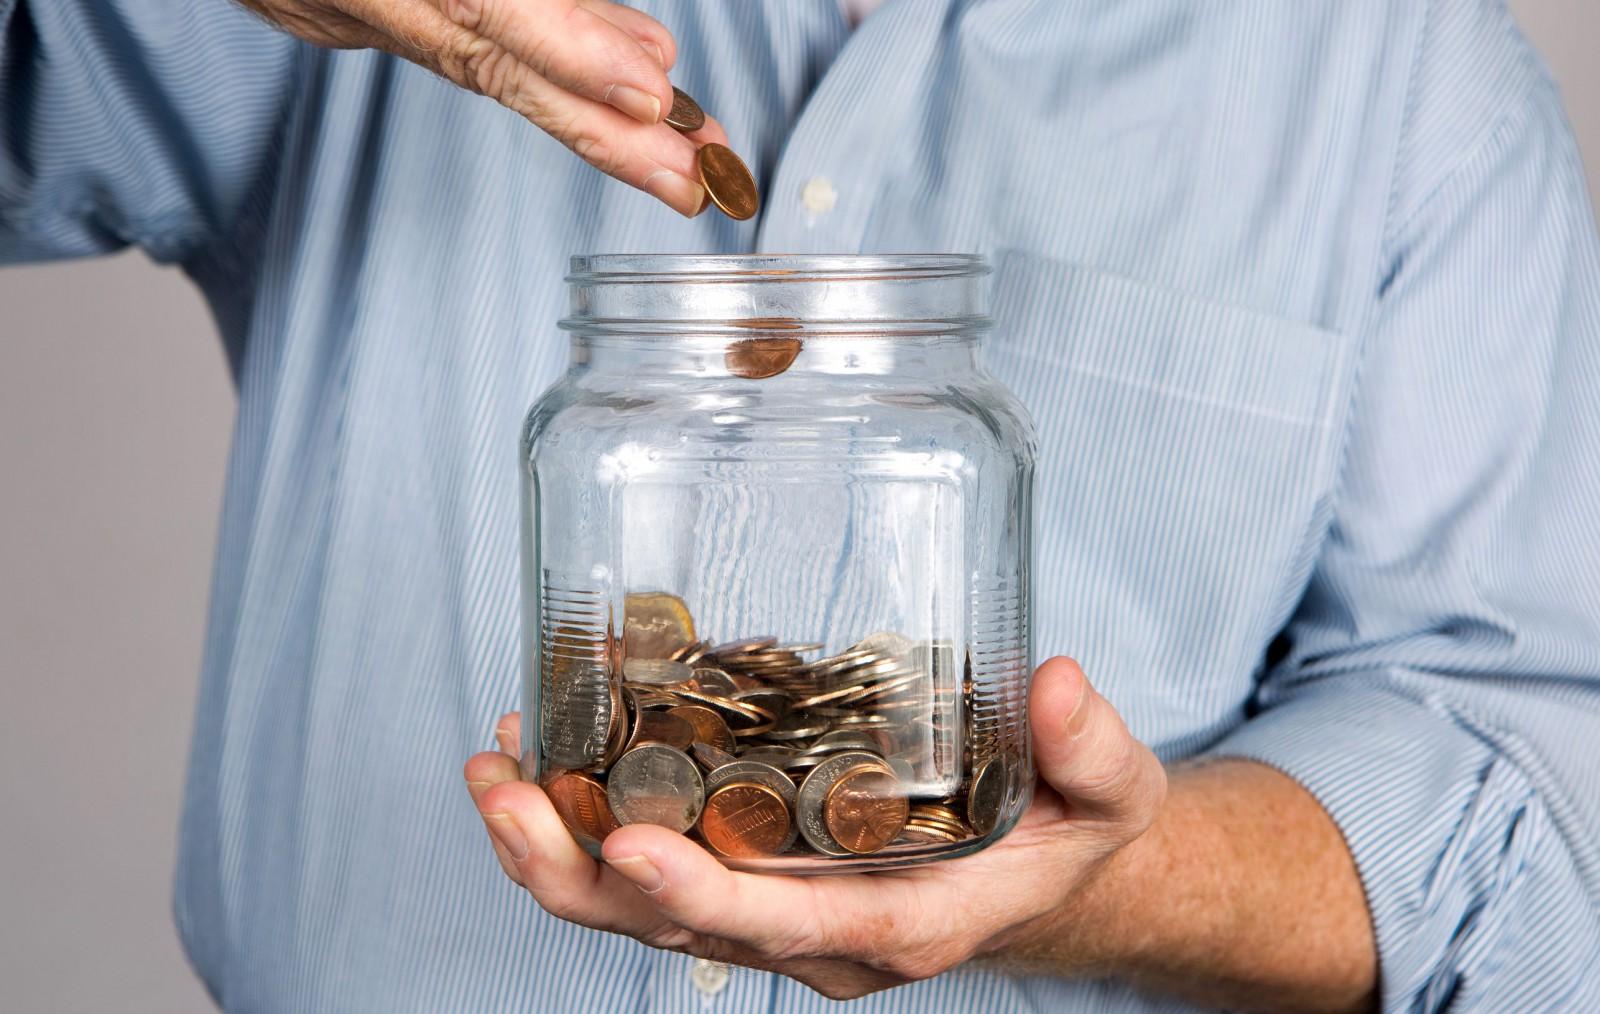 Foto di repertorio, monete e risparmi. Lavoro, stipendio, investimenti